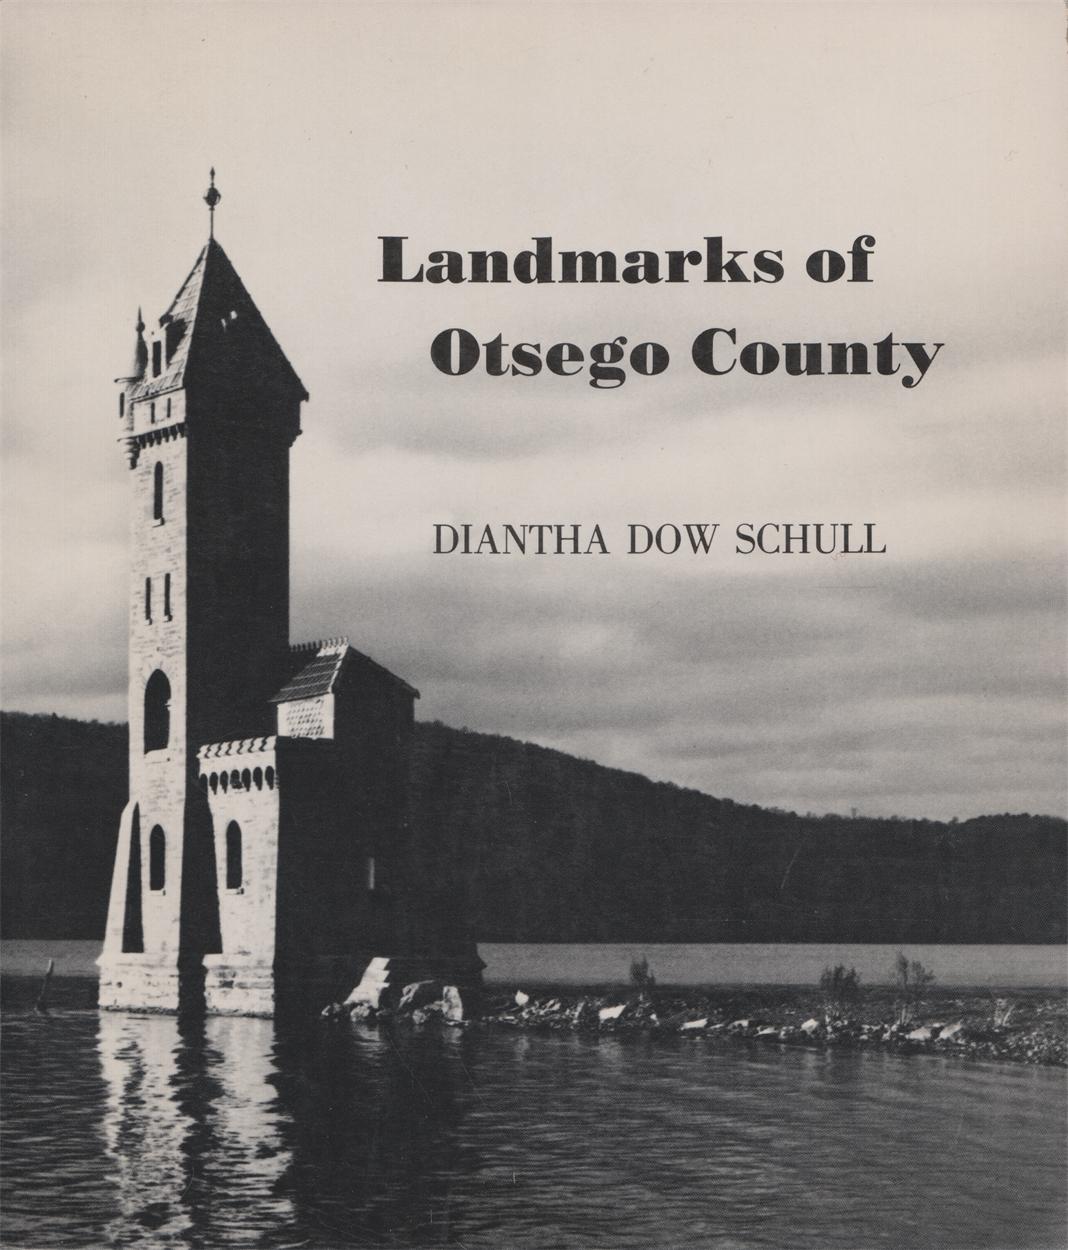 Landmarks of Otsego County